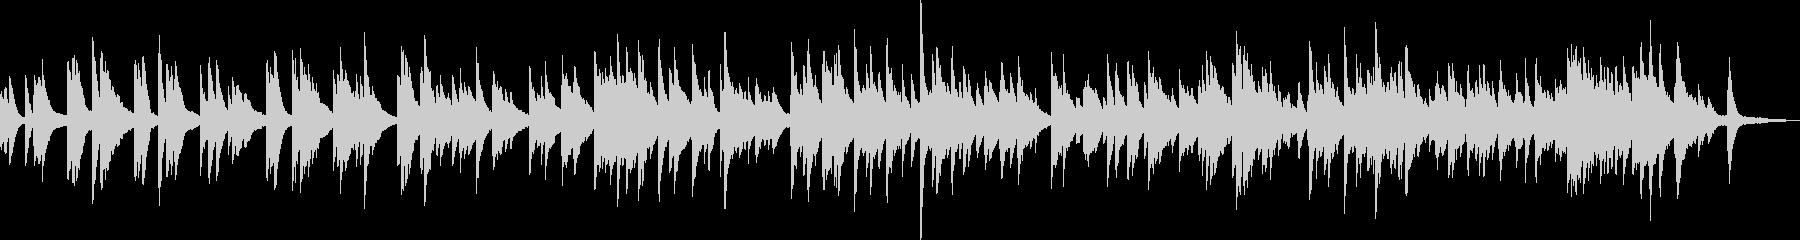 優しいピアノバラード(温かい・落ち着く)の未再生の波形